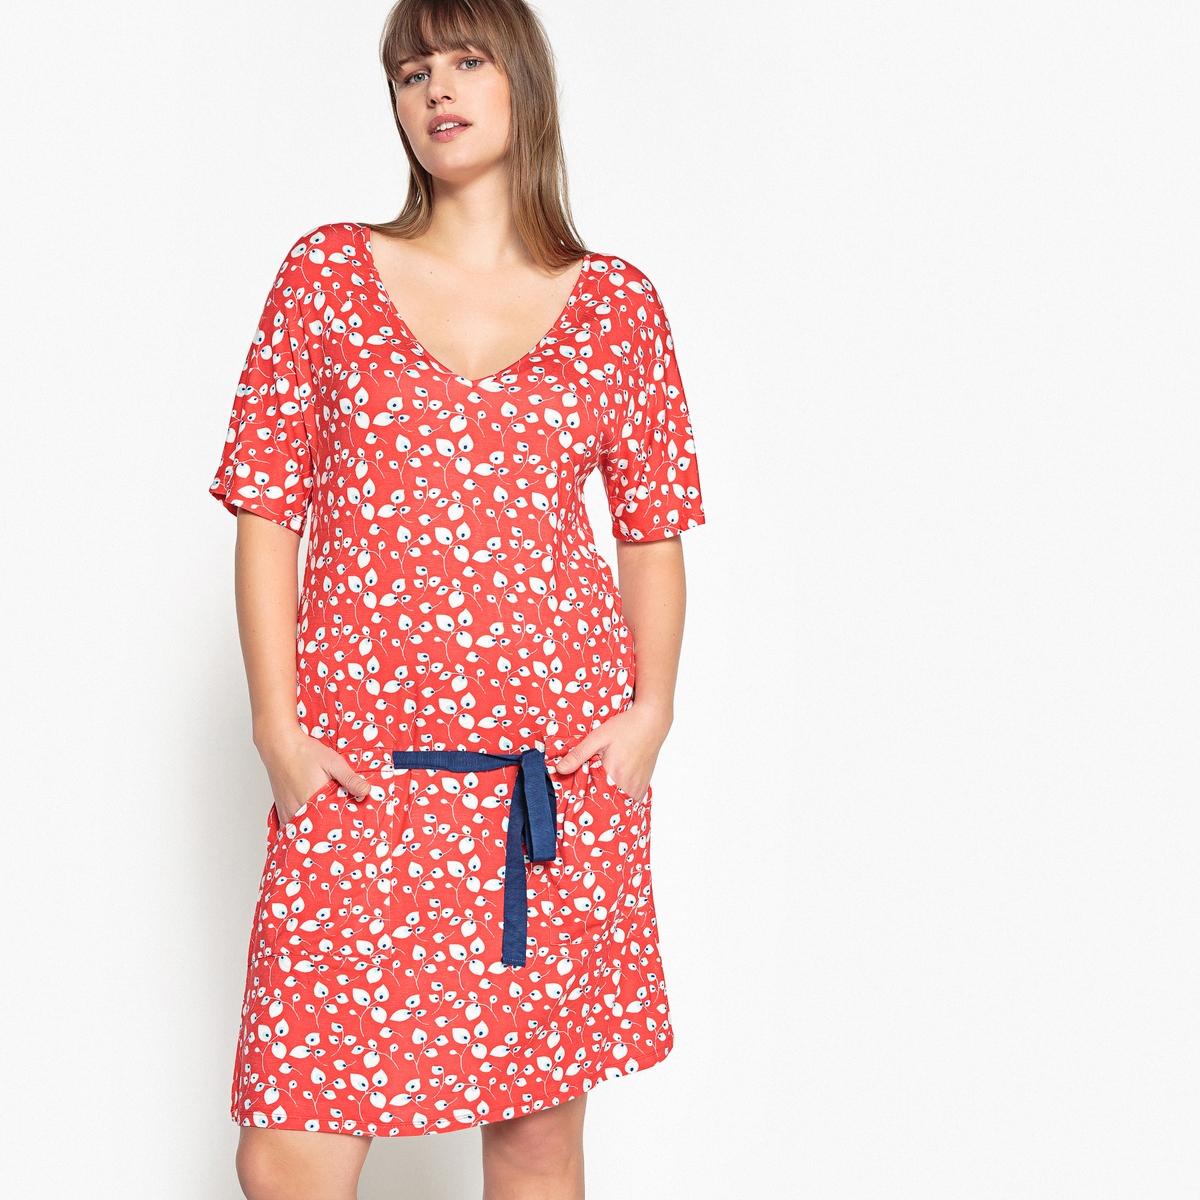 Платье прямое короткое однотонное с короткими рукавами